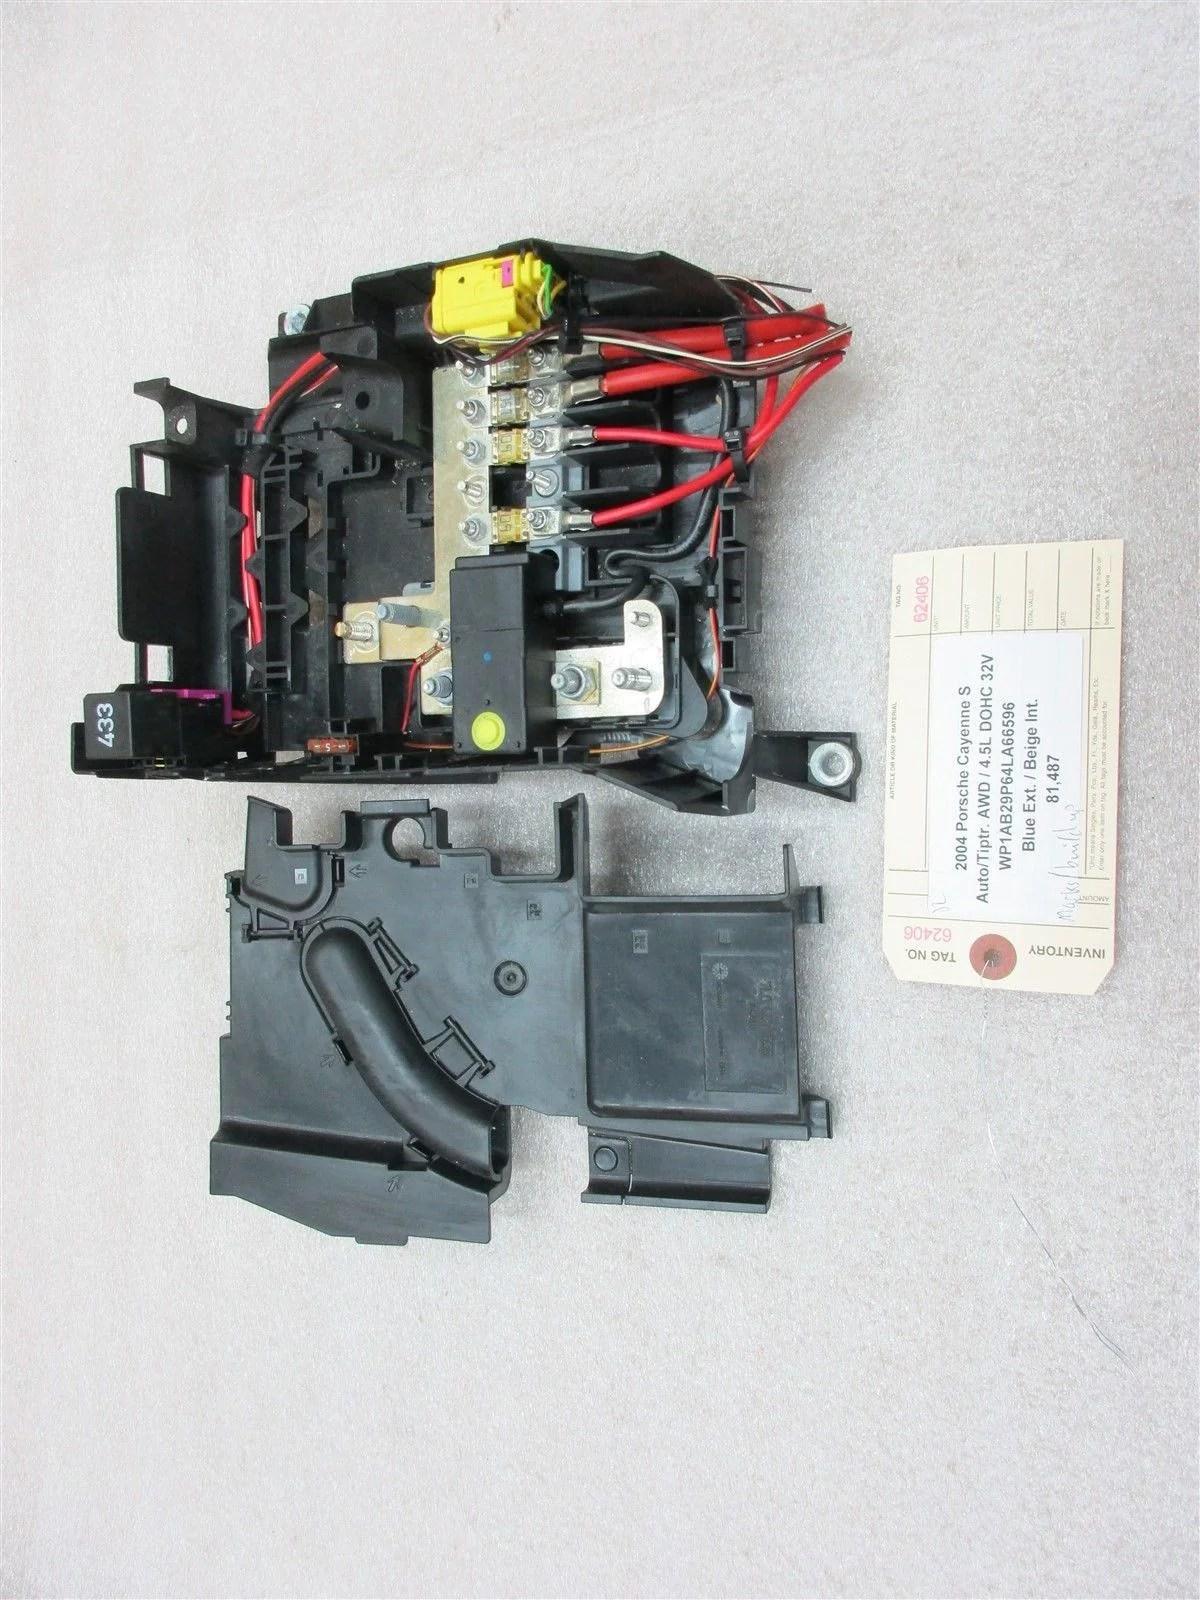 04 cayenne s awd porsche 955 fuse box relay 7l0937548a 7l0937555 81 487 [ 1200 x 1600 Pixel ]